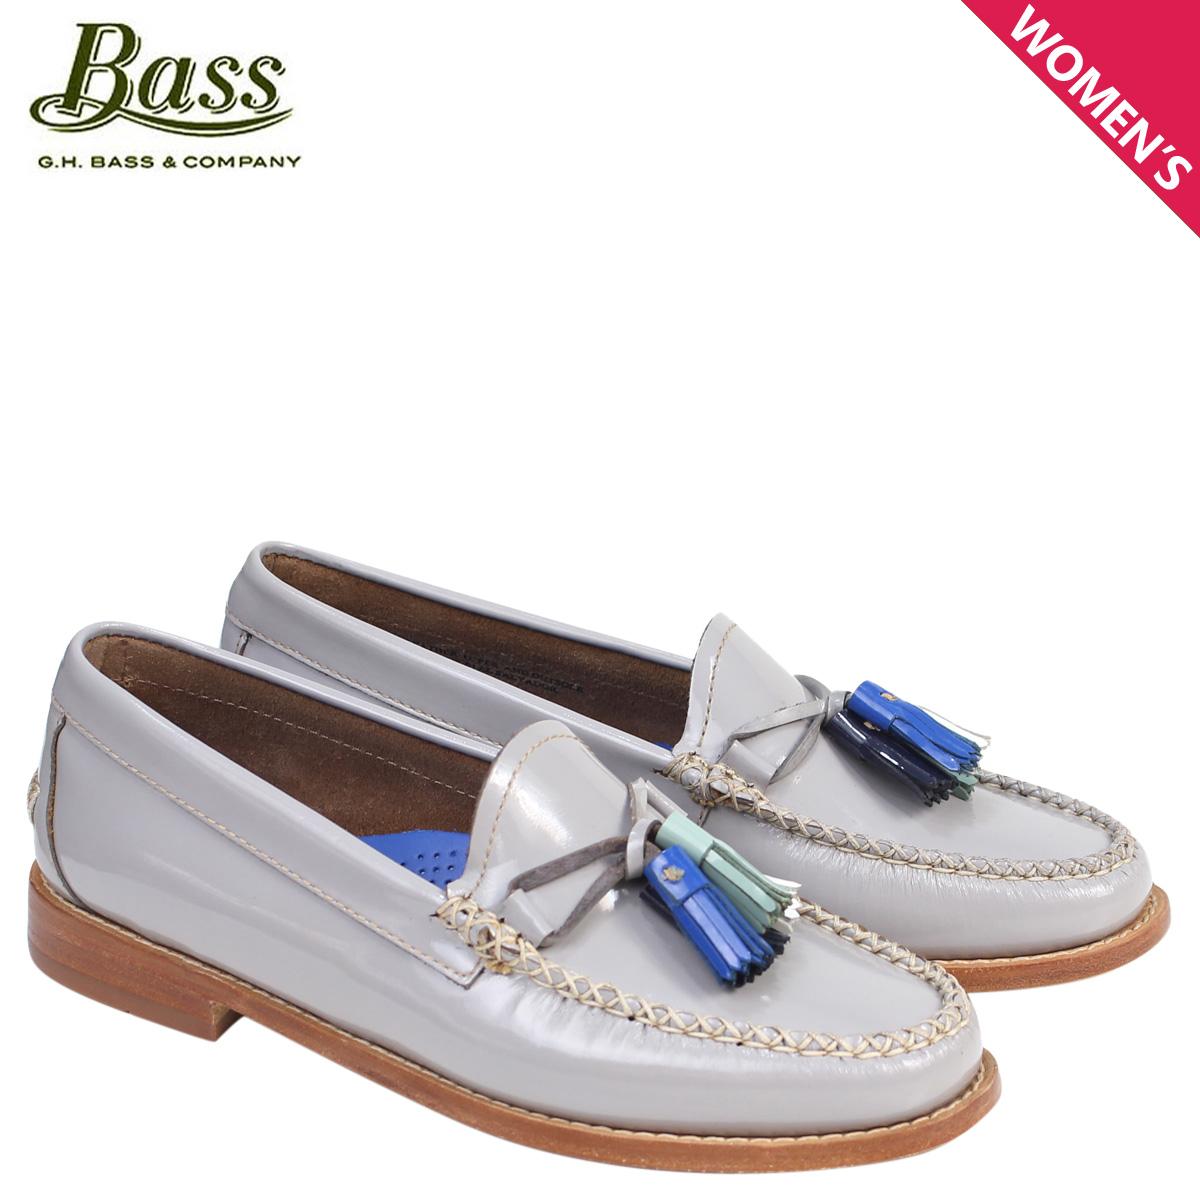 ジーエイチバス ローファー G.H. BASS レディース タッセル WILLOW PENNY LOAFER 71-22845 靴 グレー [177]